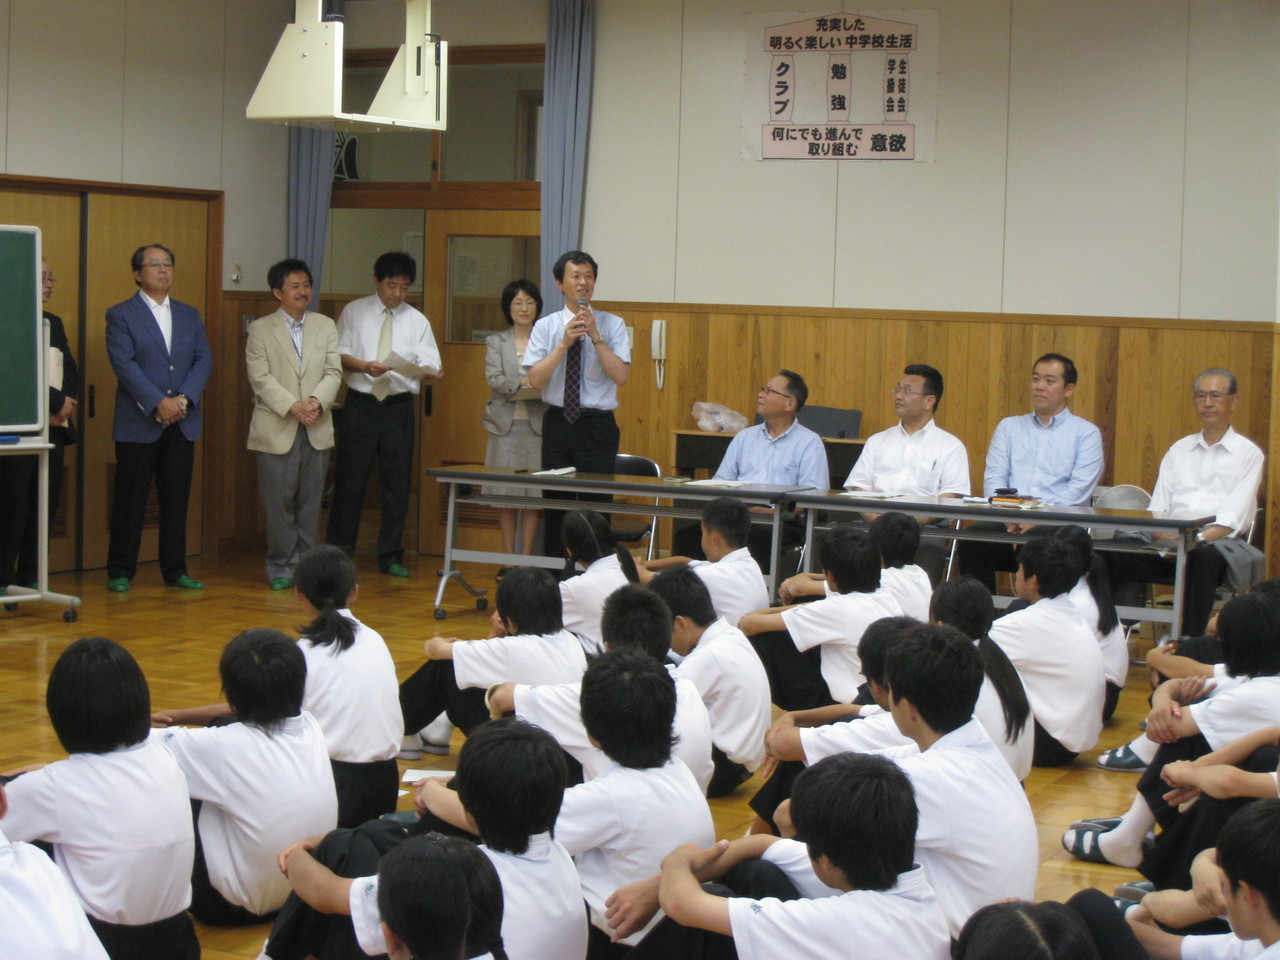 伊勢市立倉田山中学校